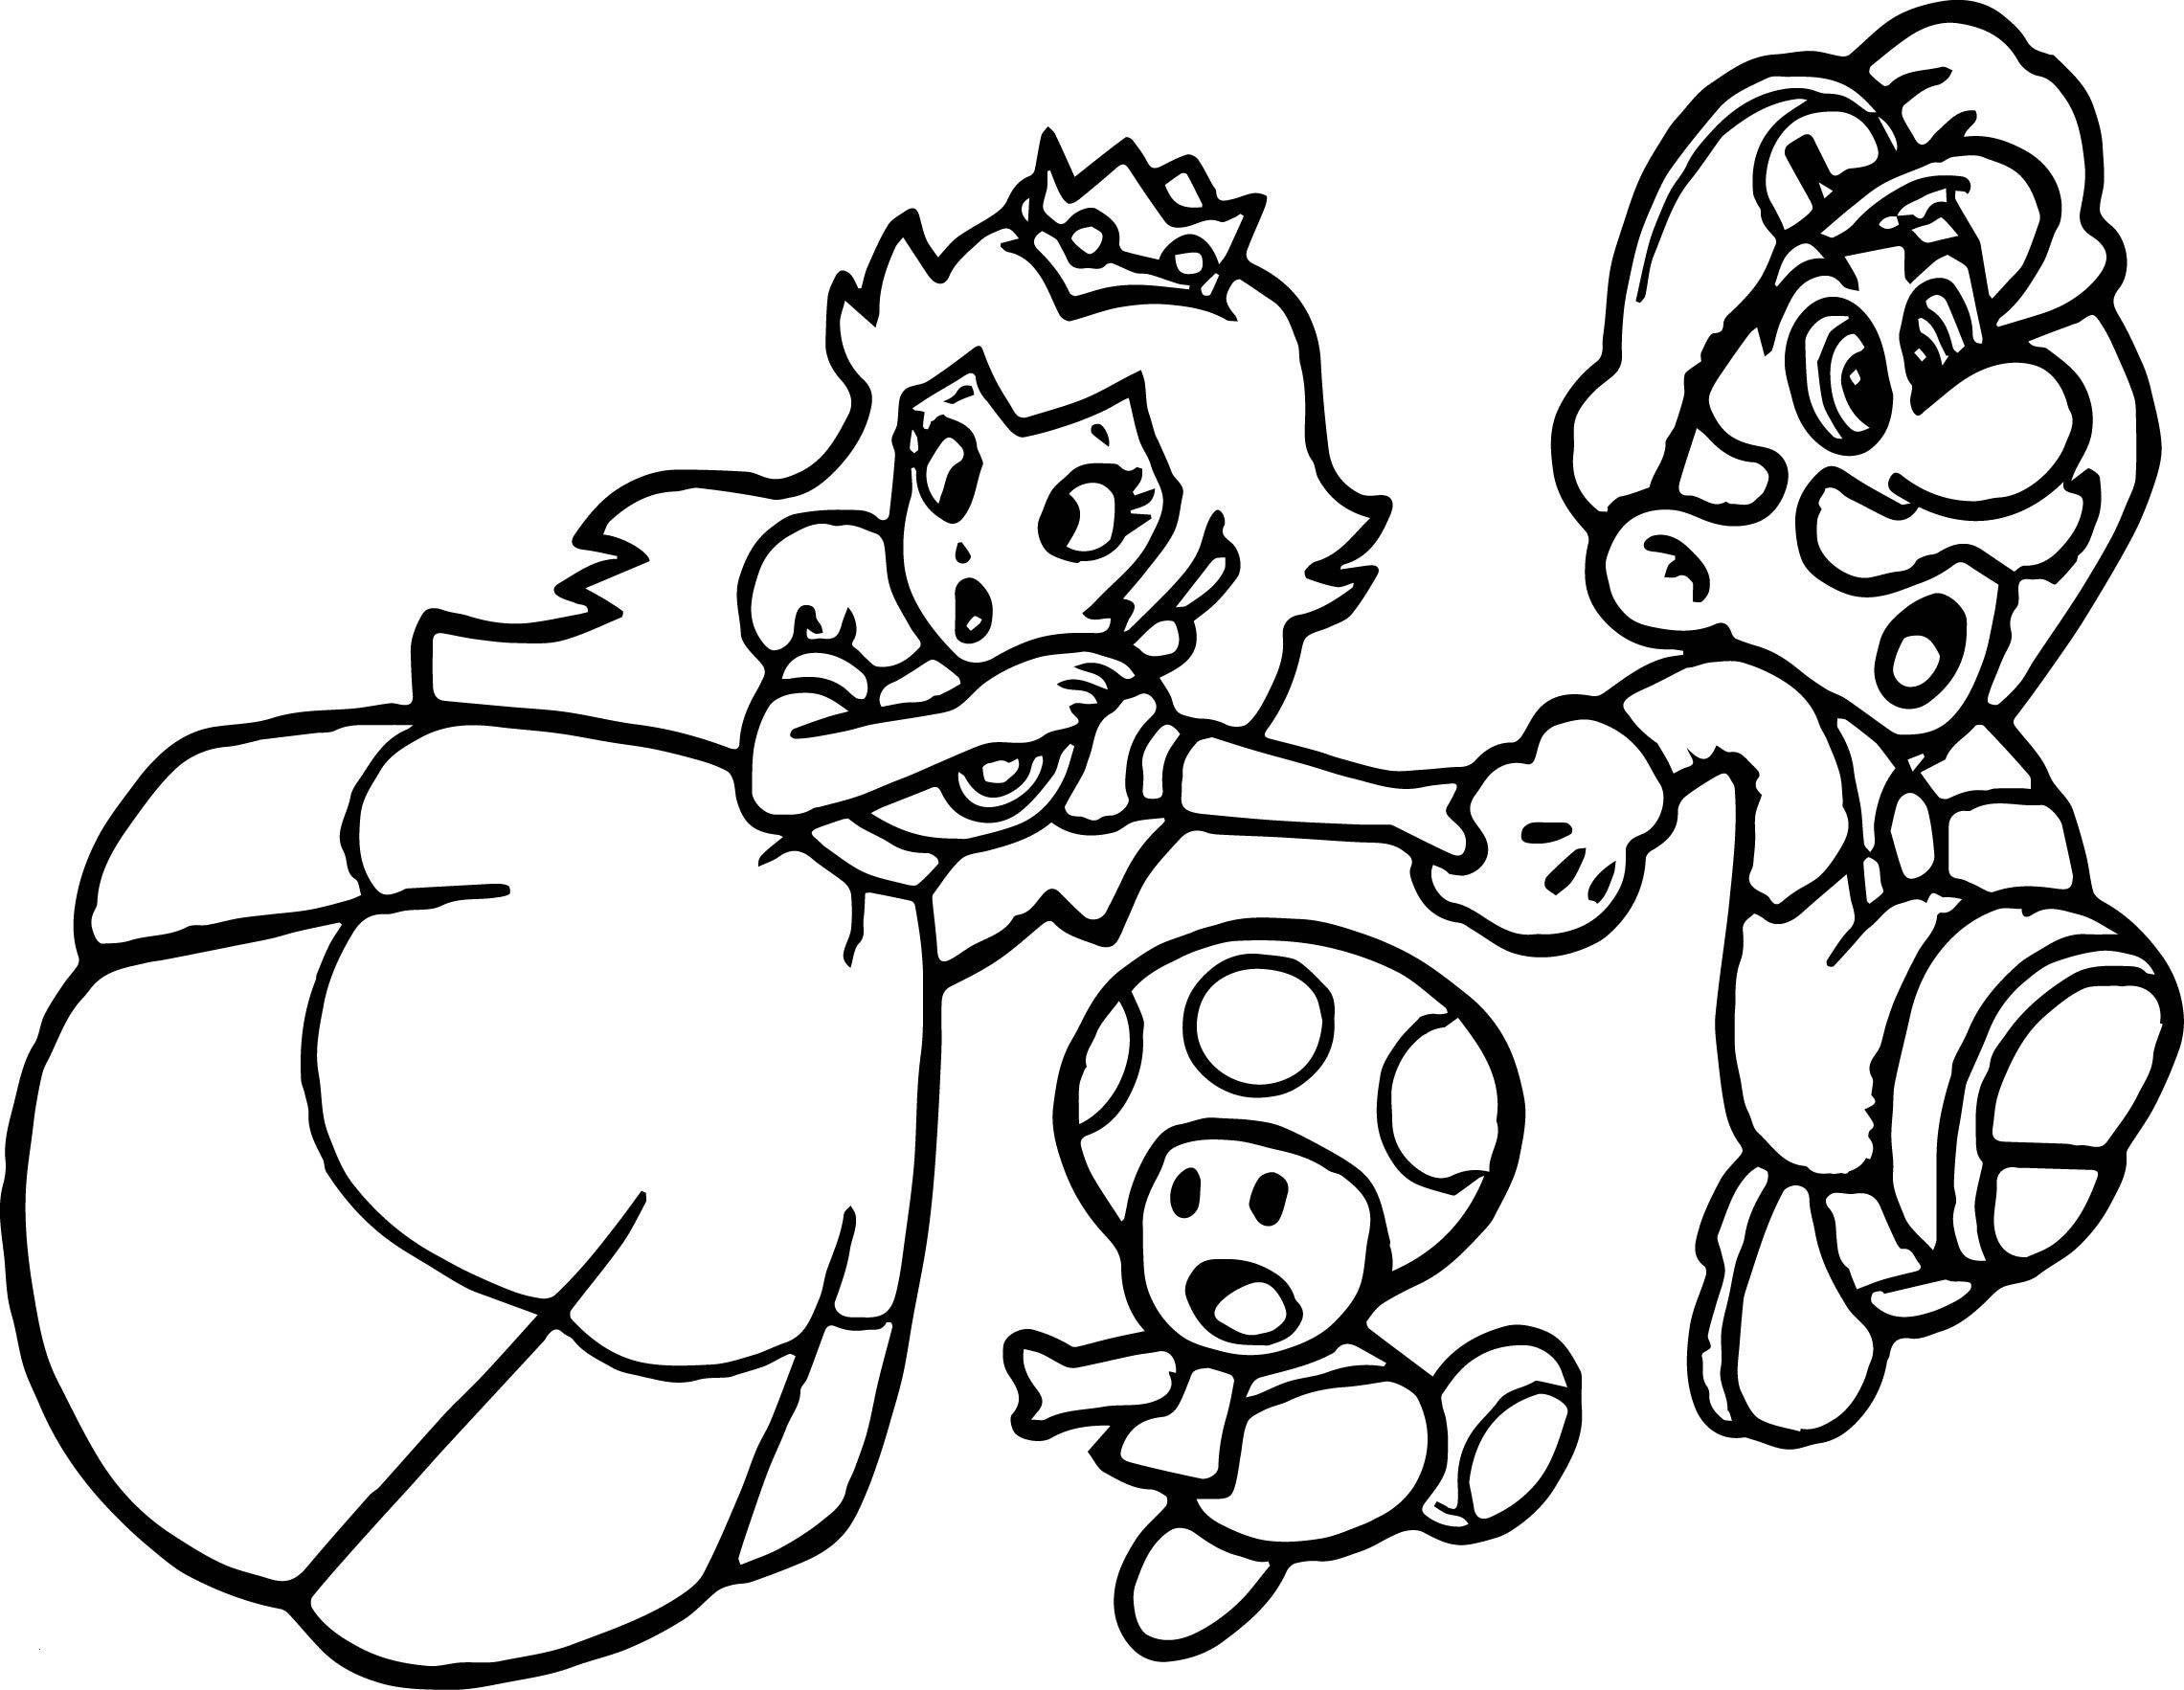 Ten Besser Malvorlage Super Mario Anschauung 2020 Super